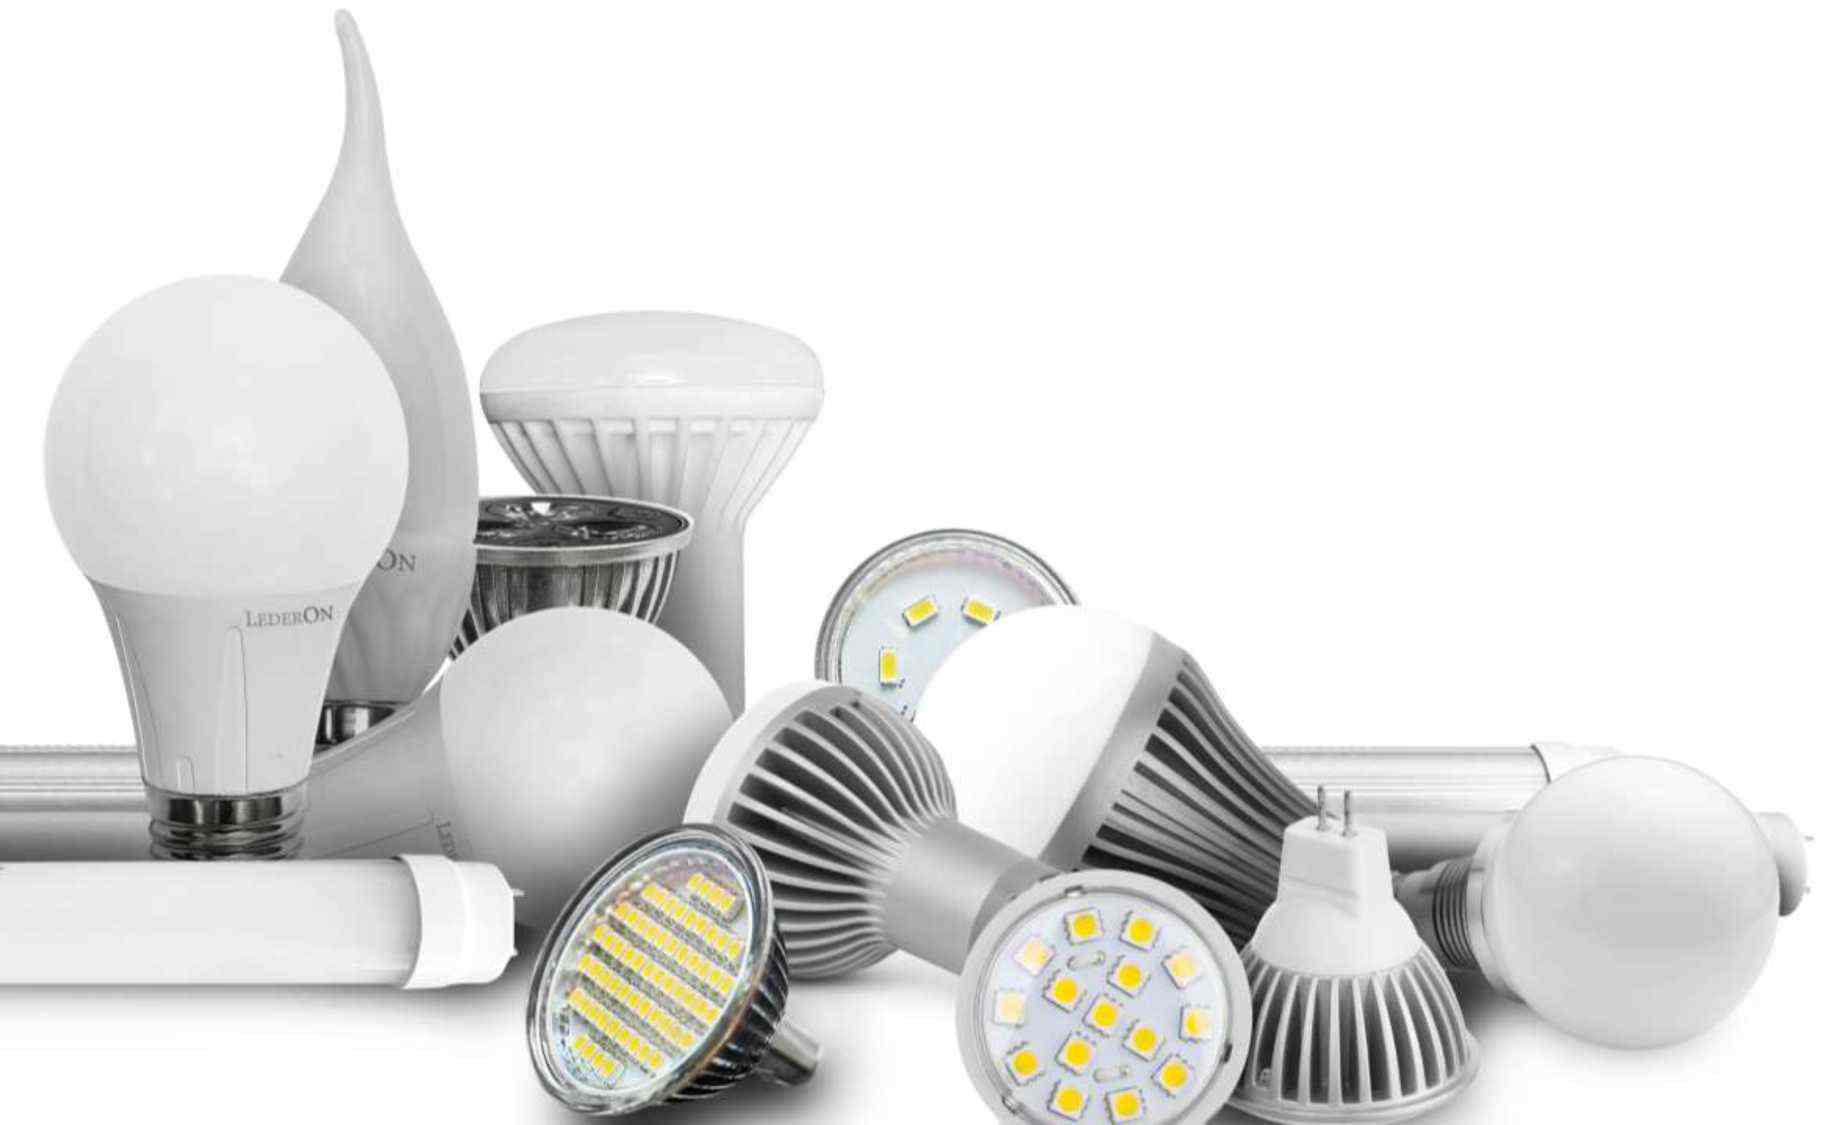 Светодиод. Затраты электроэнергии. Яркость ламп. Превосходство светодиода над энергосберегающей лампой и лампой накаливания